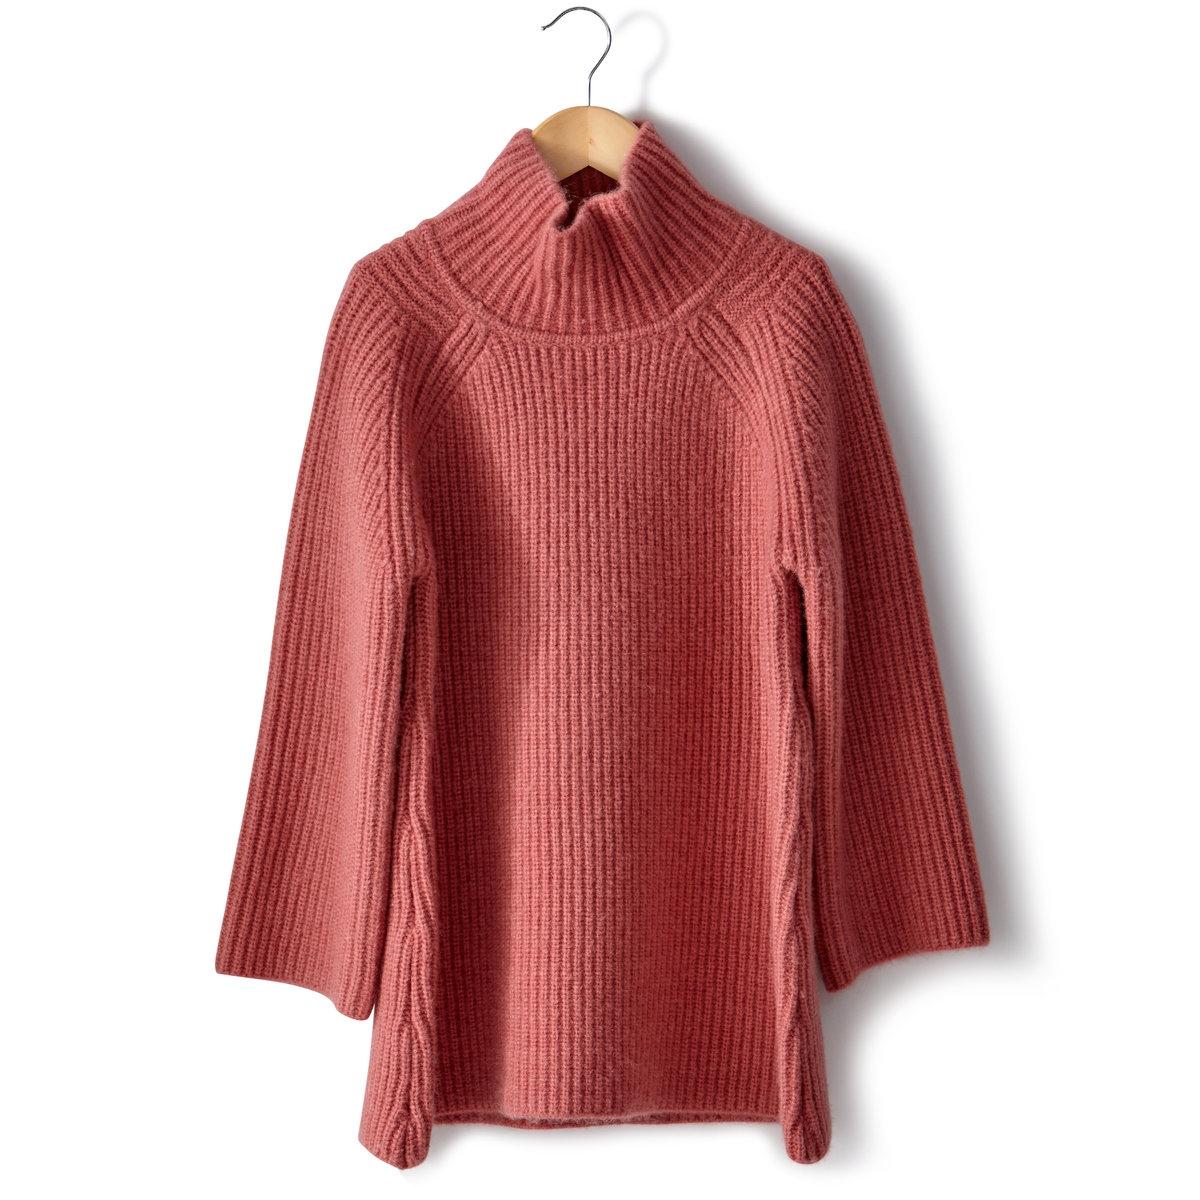 Пуловер с высоким воротникомПуловер из трикотажа, 54% полиэстера, 41% акрила, 5% шерсти. Высокий воротник. Рукава 3/4. Длина 63 см.<br><br>Цвет: розовый<br>Размер: 34/36 (FR) - 40/42 (RUS)